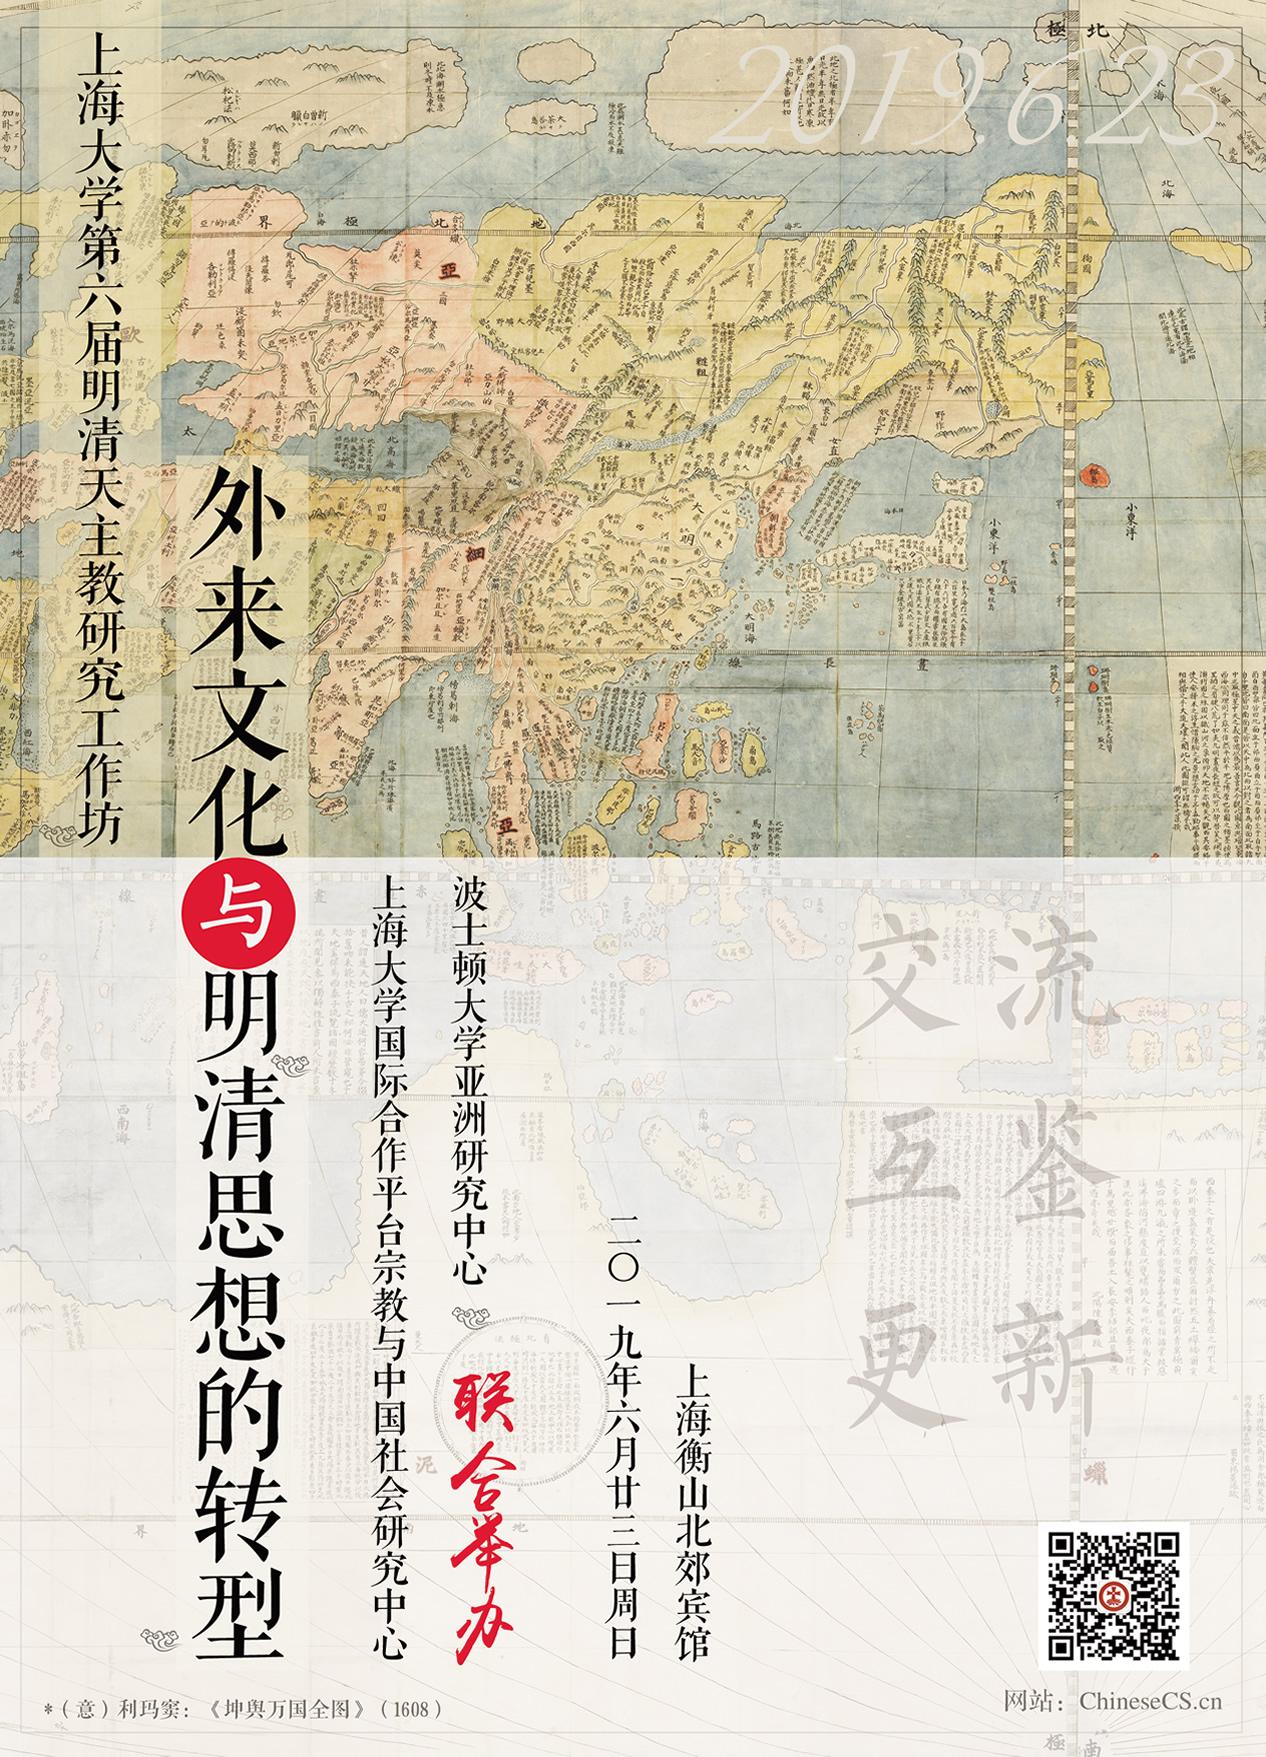 上海大學第六屆明清天主教研究工作坊:外來文化與明清思想的轉型